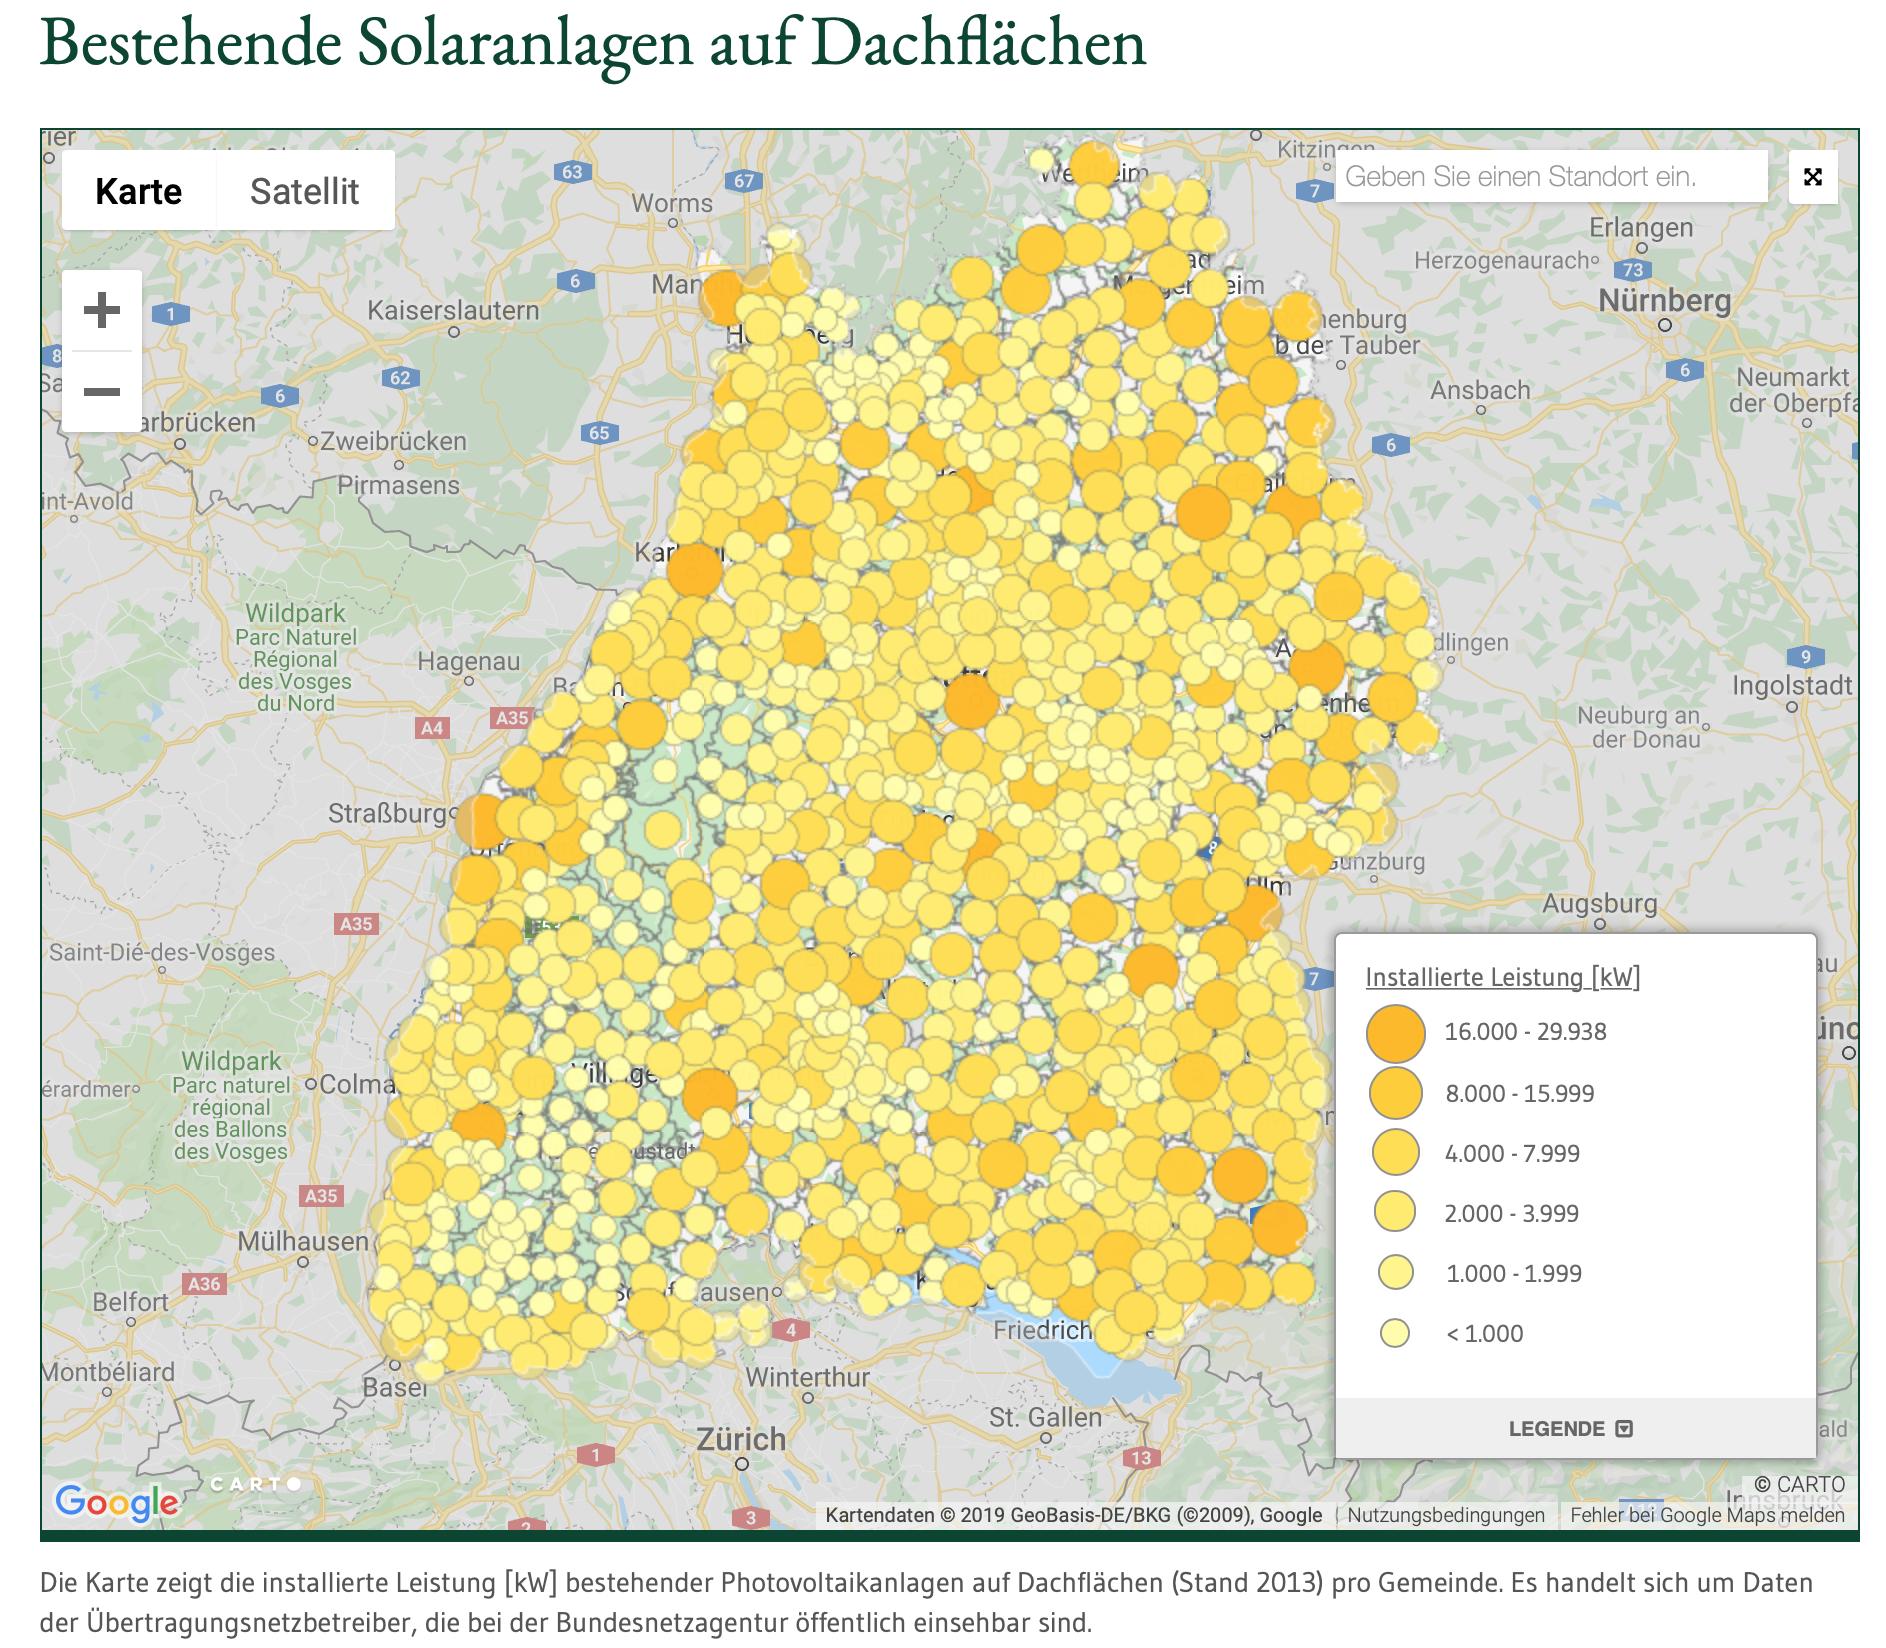 Bestehende Solaranlagen auf Dachflächen in Baden-Württemberg